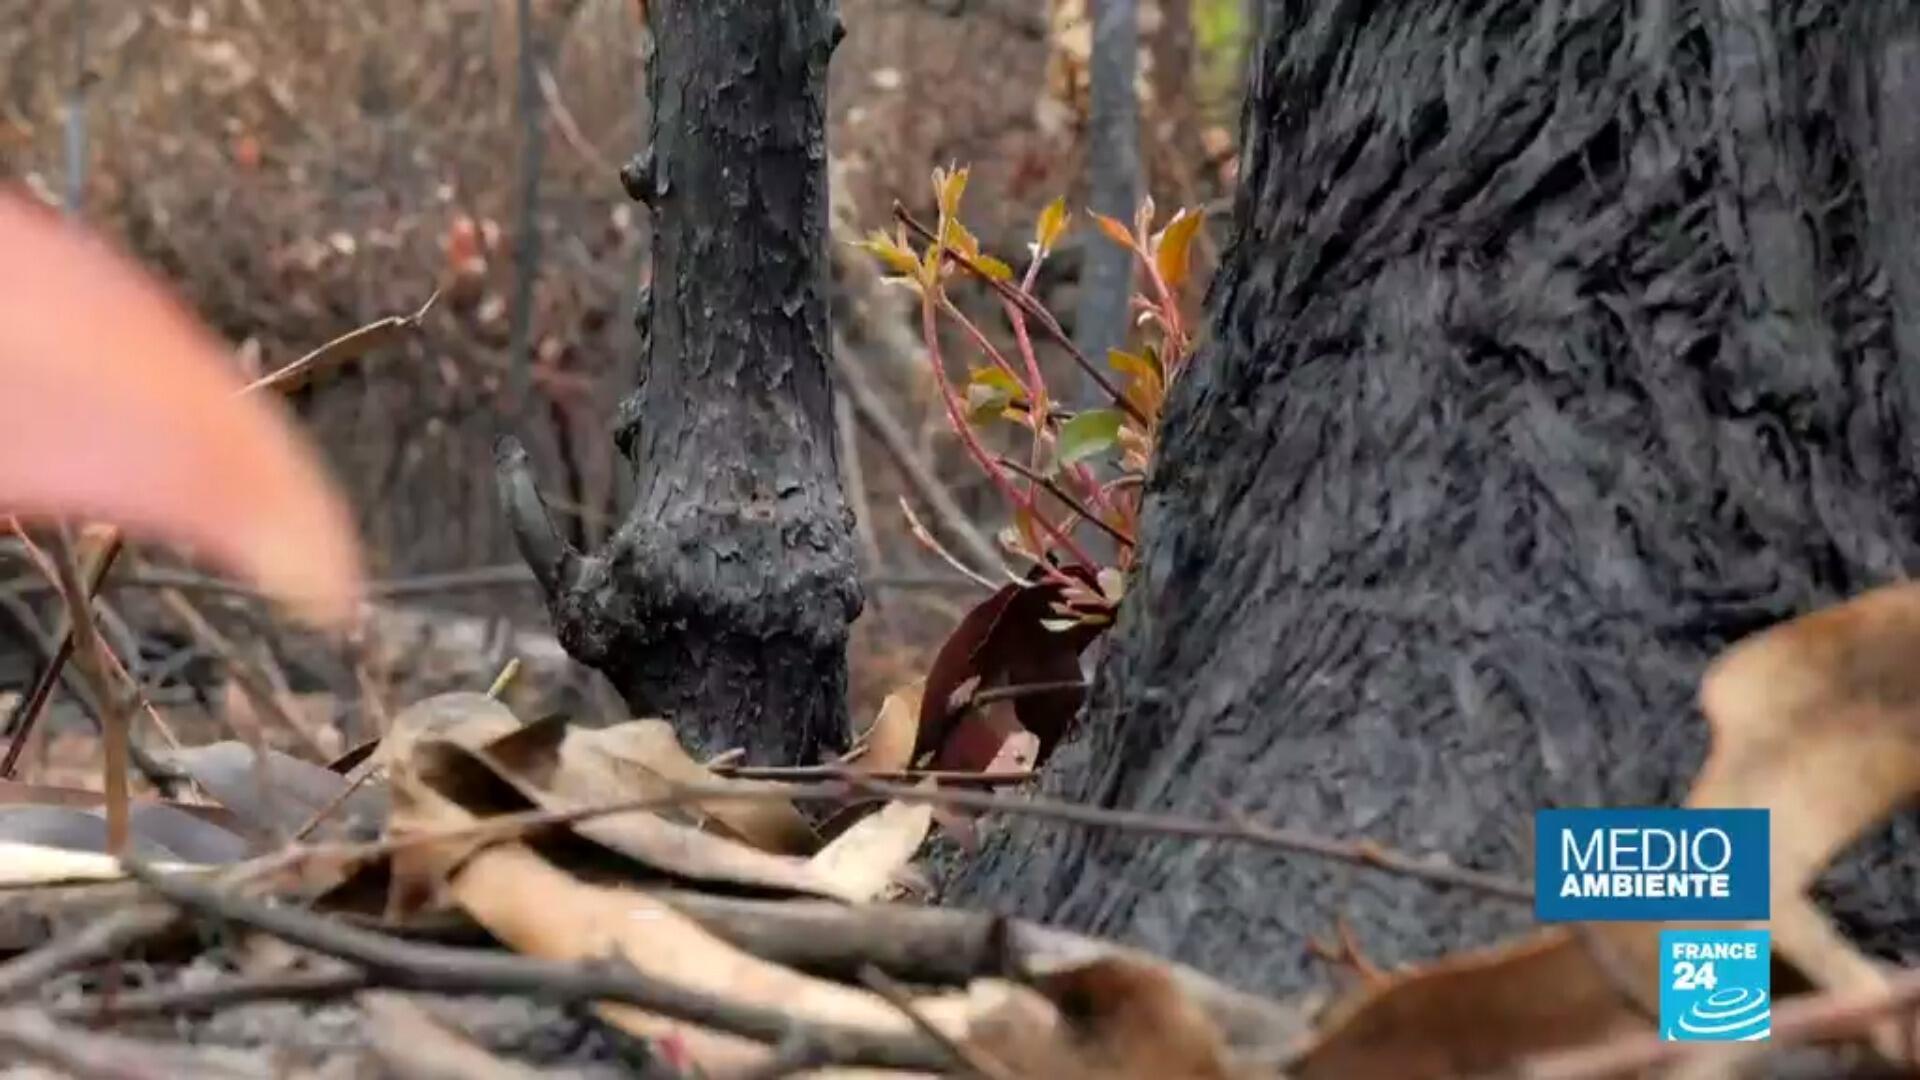 Signos de regeneración en algunos bosques de Nueva Gales del Sur, el estado más afectado por los incendios en Australia.